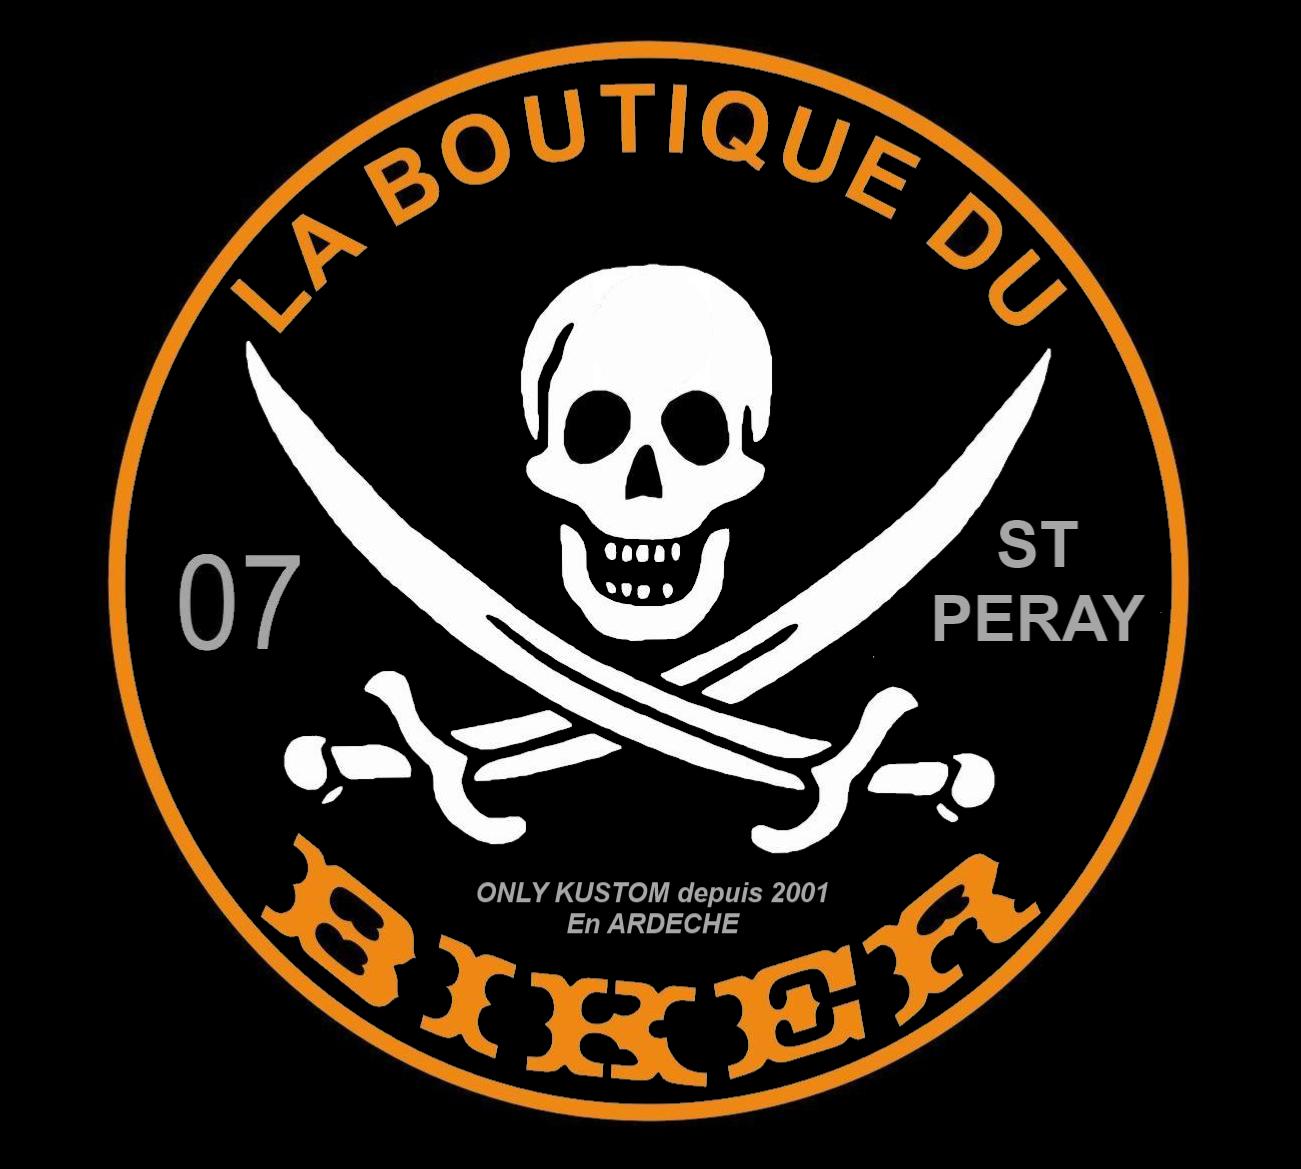 Sticker collection de la boutiquedu biker gratuit uniquement avec une commande